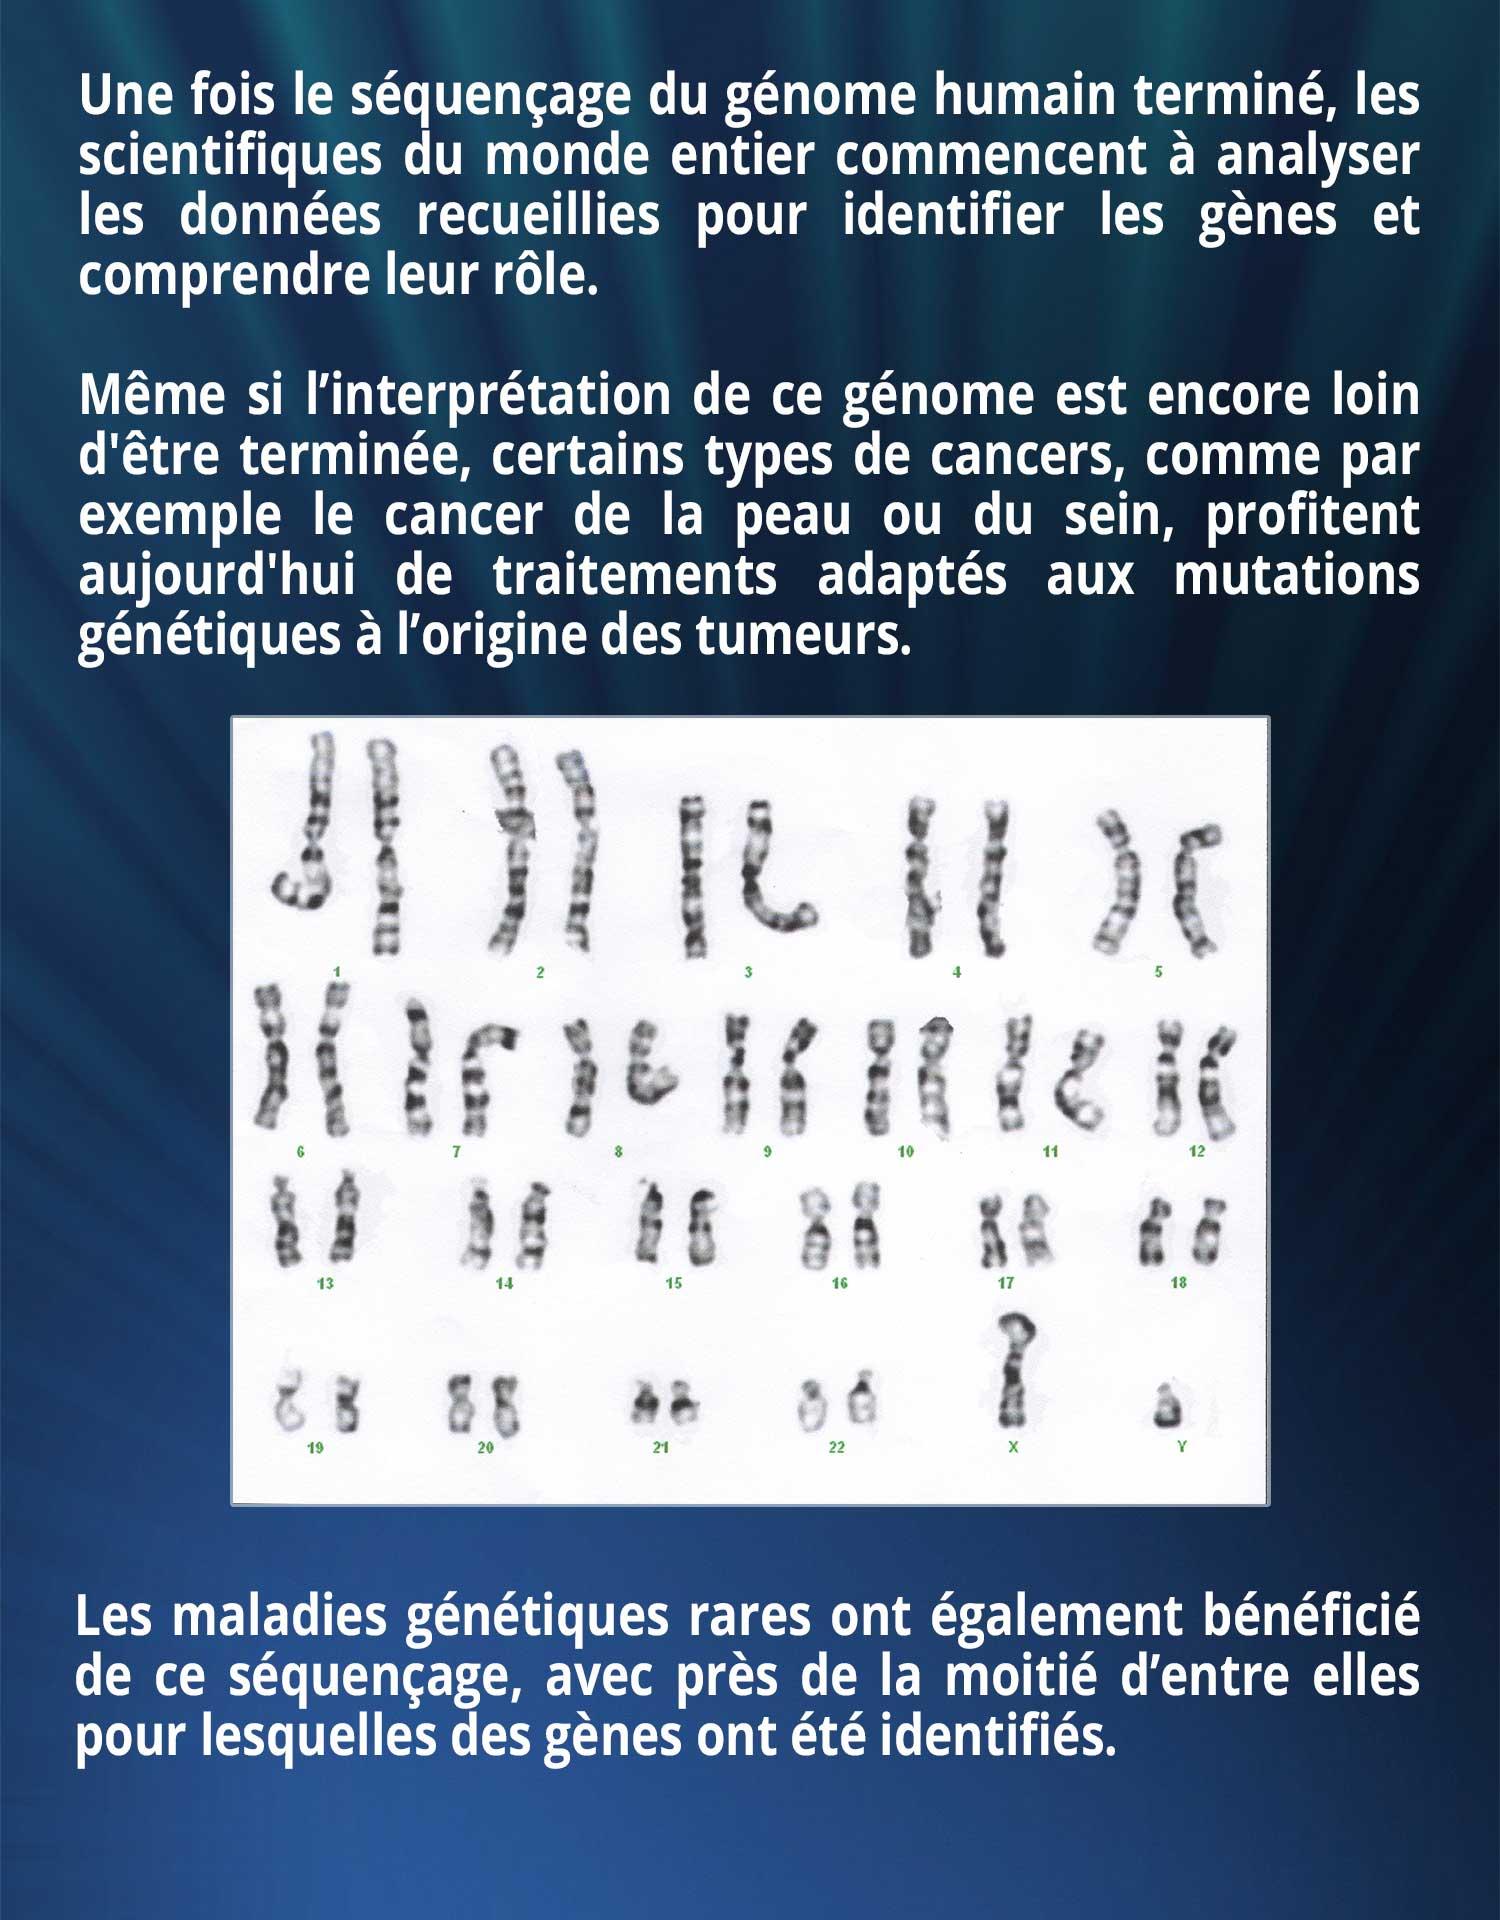 Une fois le séquençage du génome humain terminé, les scientifiques du monde entier commencent à analyser les données recueillies pour identifier les gènes et comprendre leur rôle. Même si l'interprétation de ce génome est encore loin d'être terminée, certains types de cancers, comme par exemple le cancer de la peau ou du sein, profitent aujourd'hui de traitements adaptés aux mutations génétiques à l'origine des tumeurs.